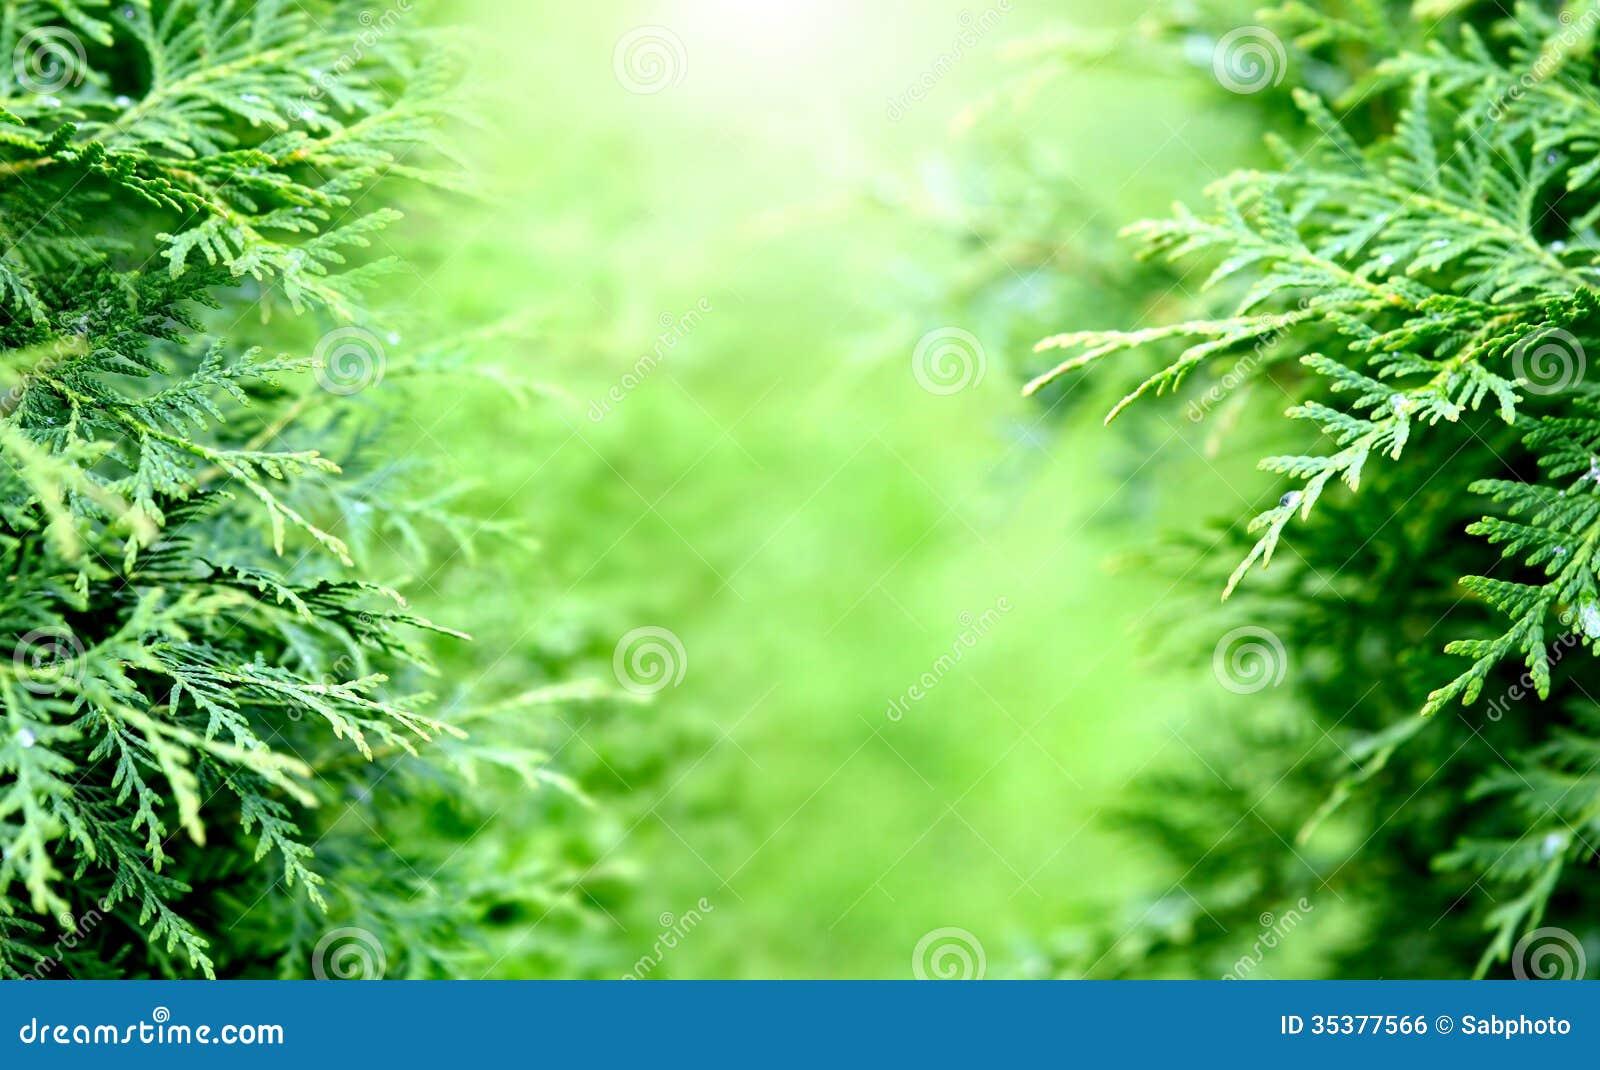 fond de verdure image libre de droits image 35377566